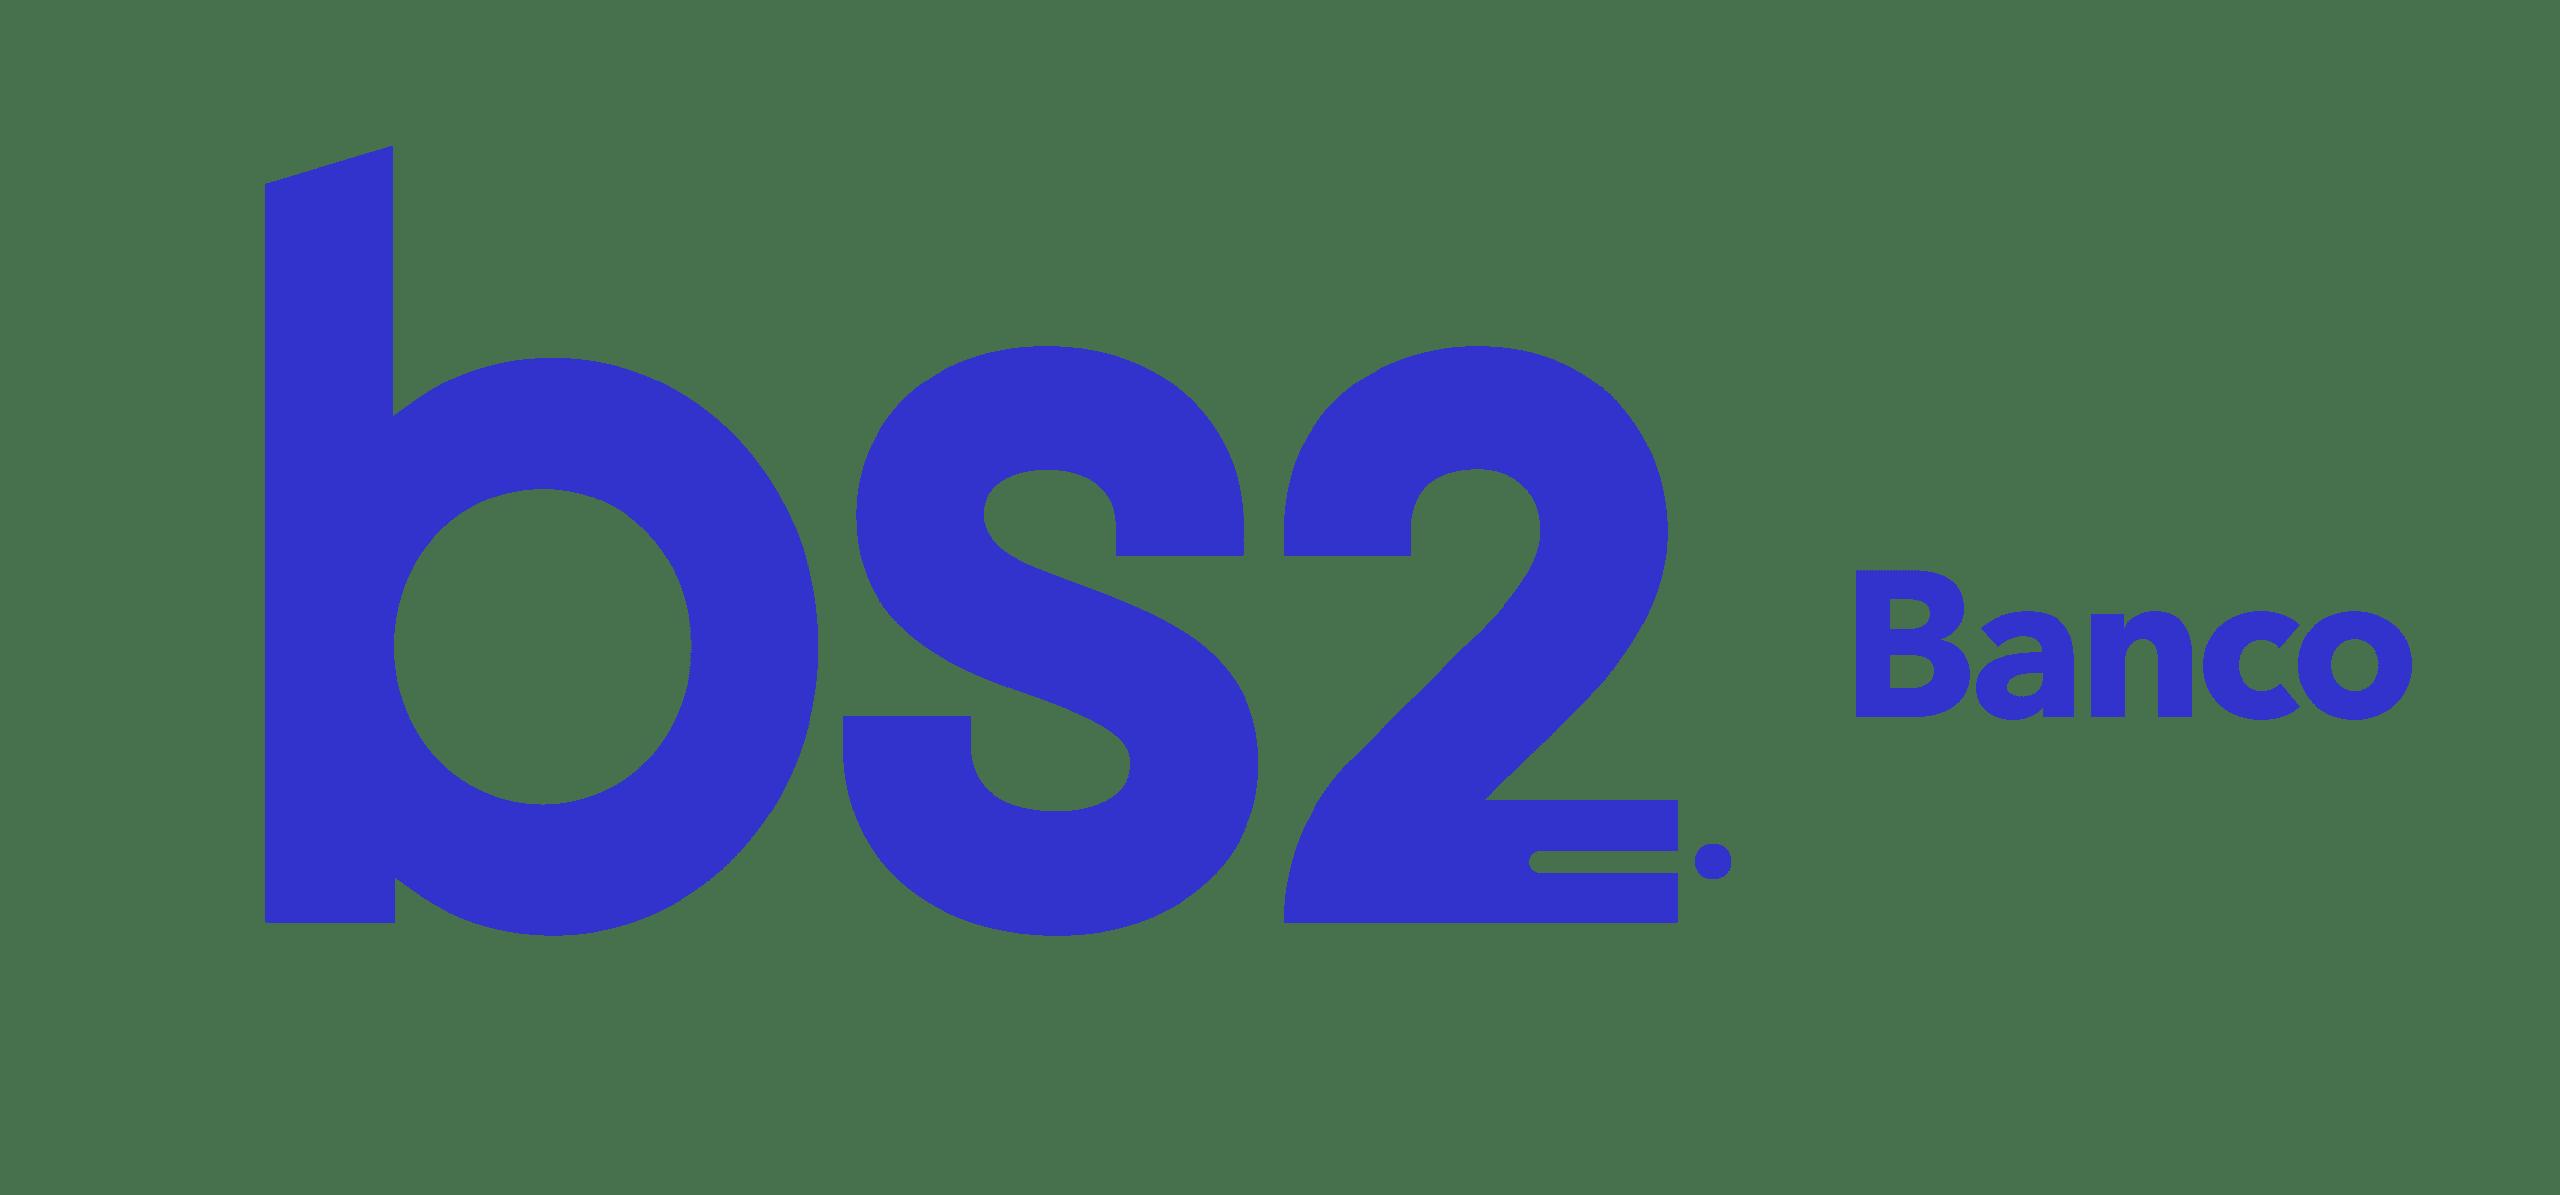 Cartão de crédito BS2: Como conseguir o seu Fácil